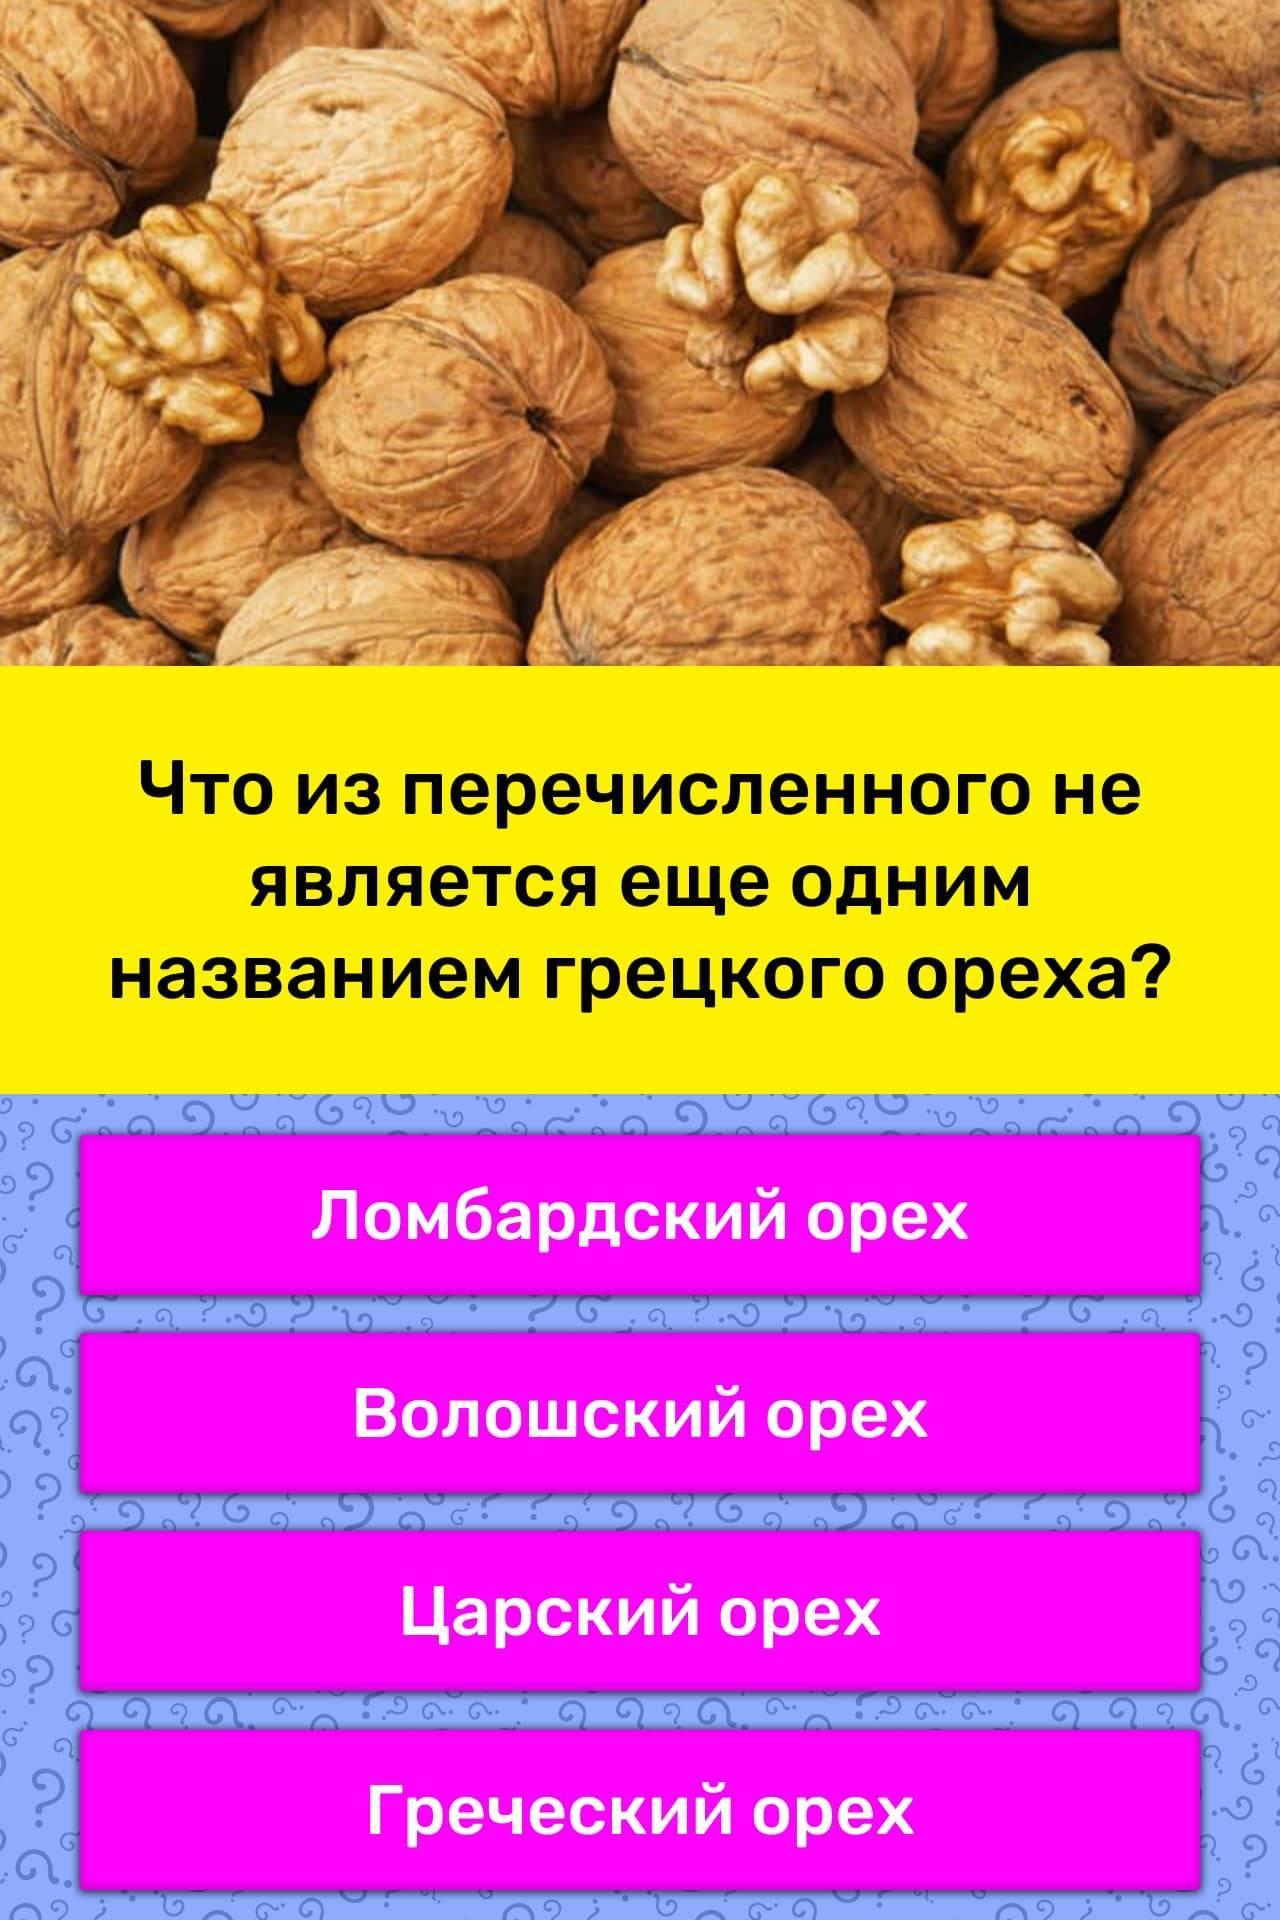 Почему грецкий орех называется грецким: происхождение названия